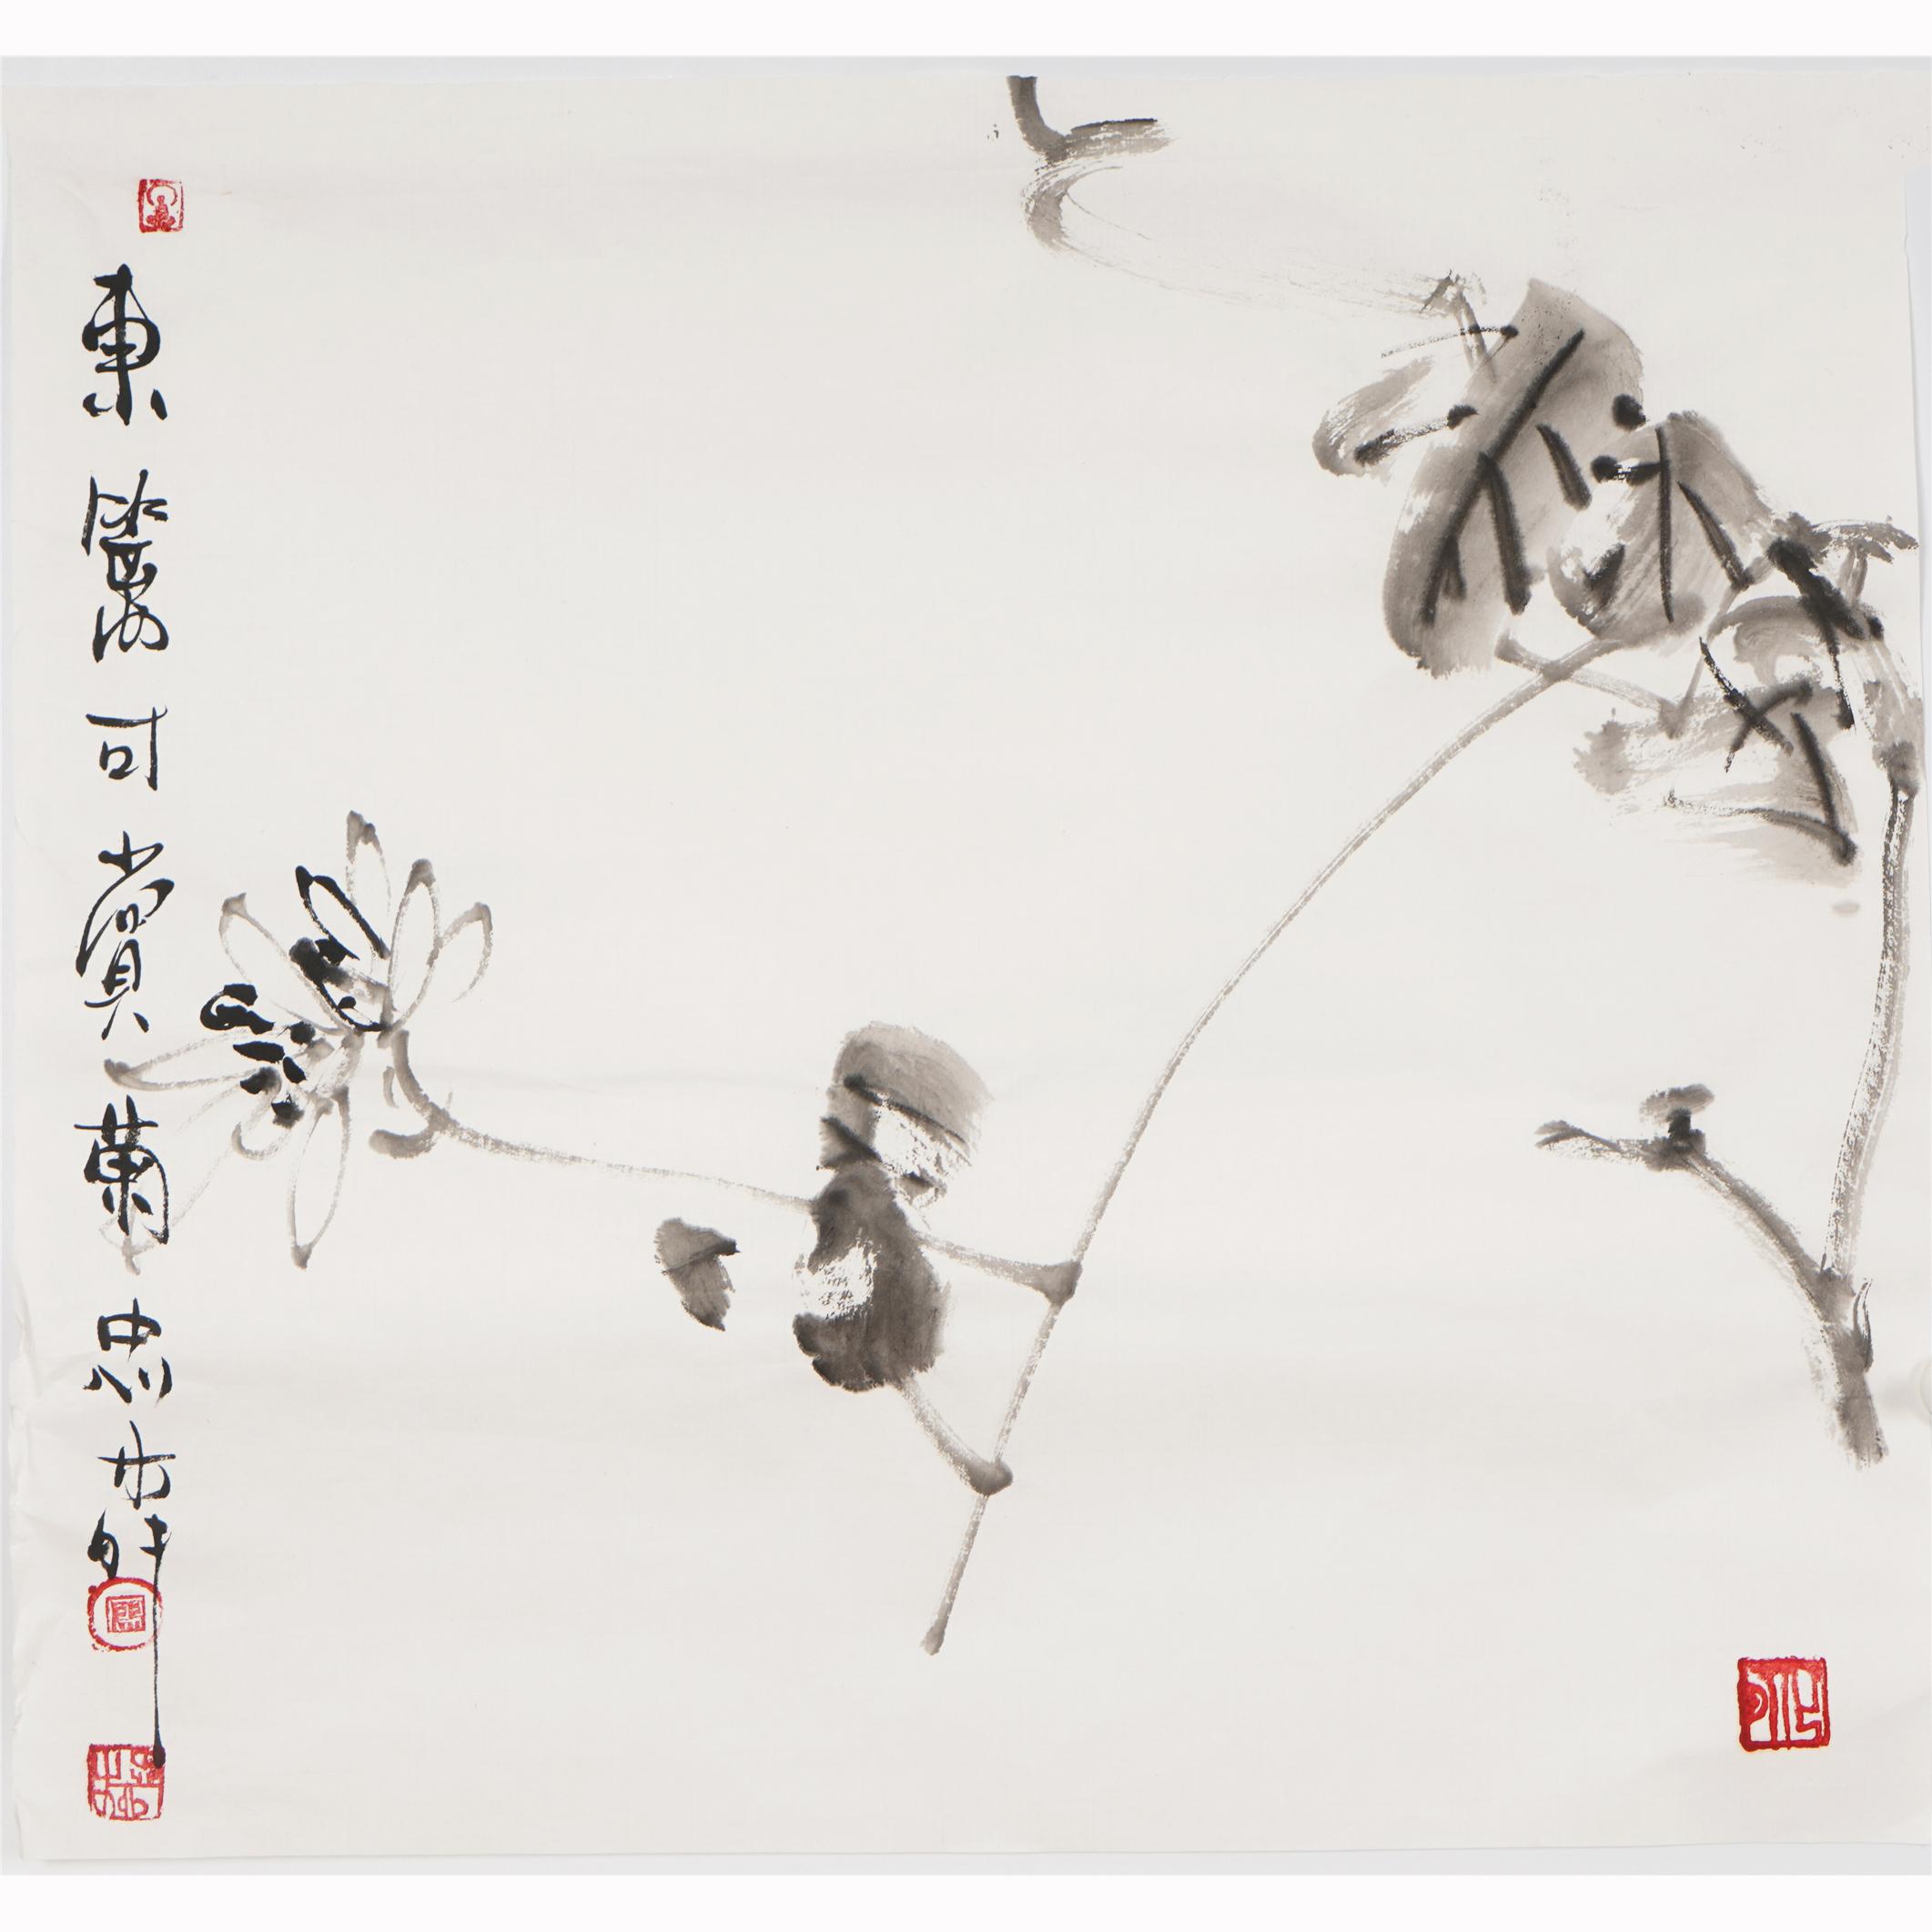 三尺斗方水墨畫手繪禪意國畫花鳥畫中式客廳字畫廖忠柳真跡00009